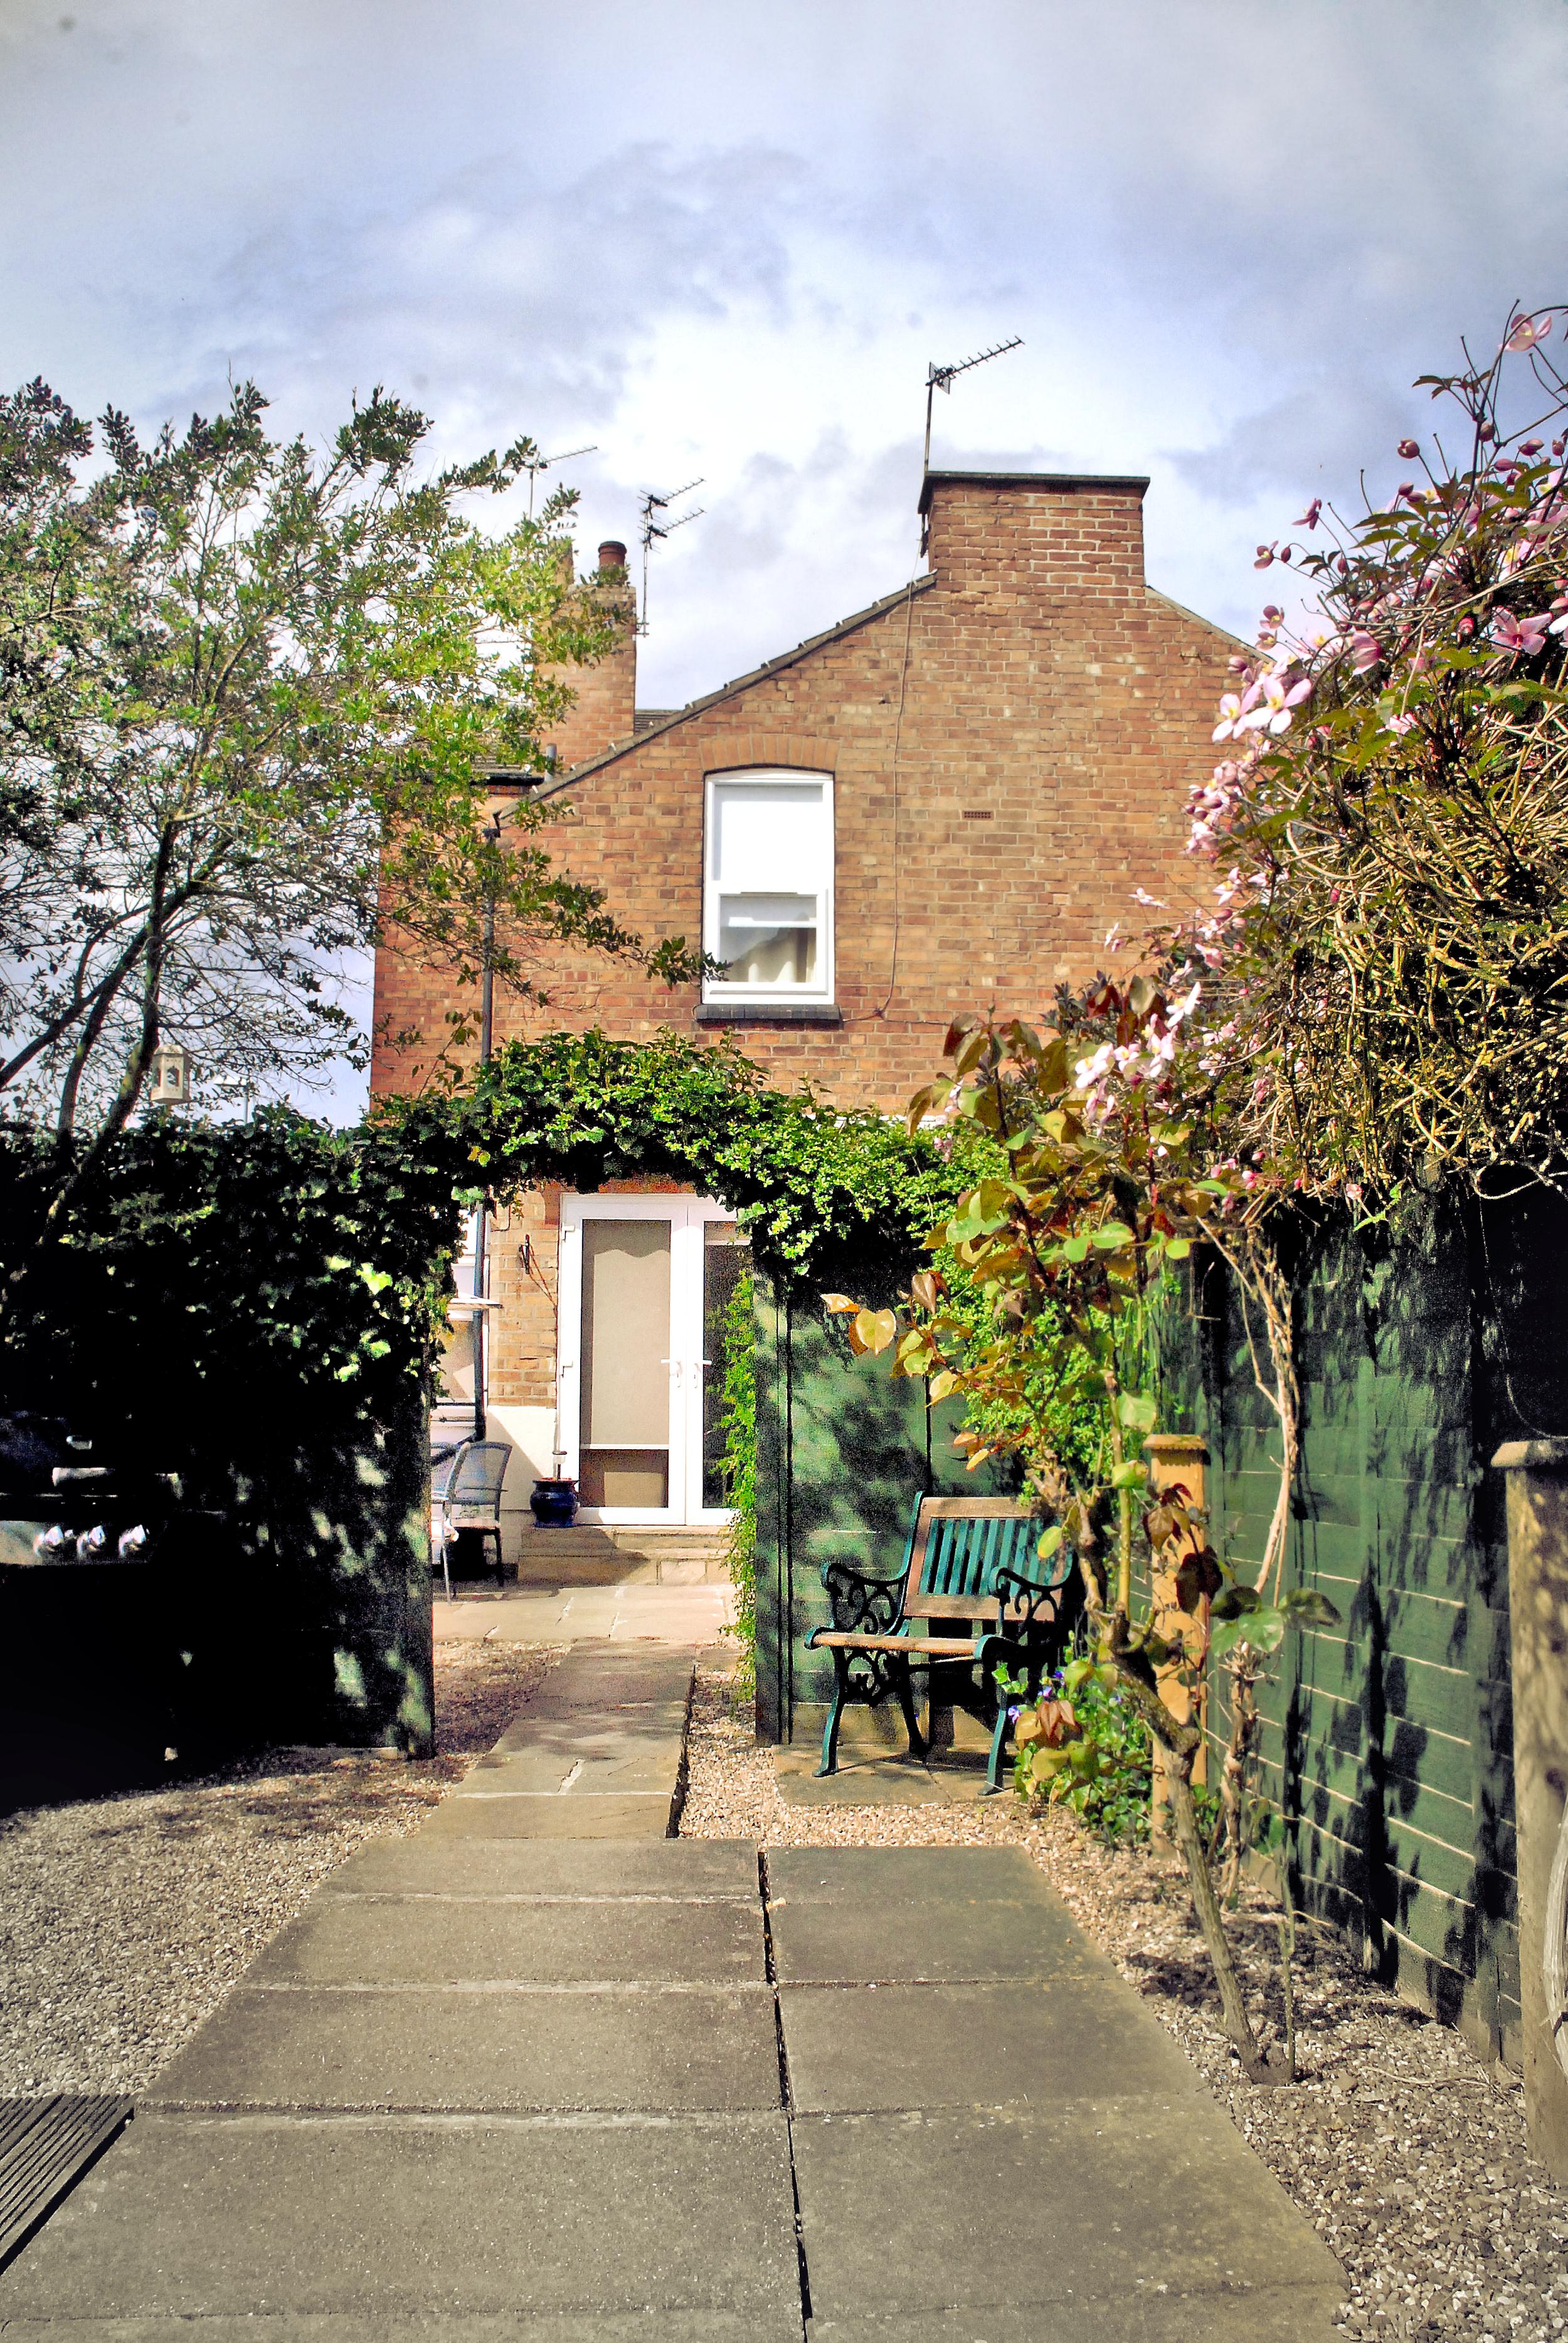 Richmand house Residential home garden